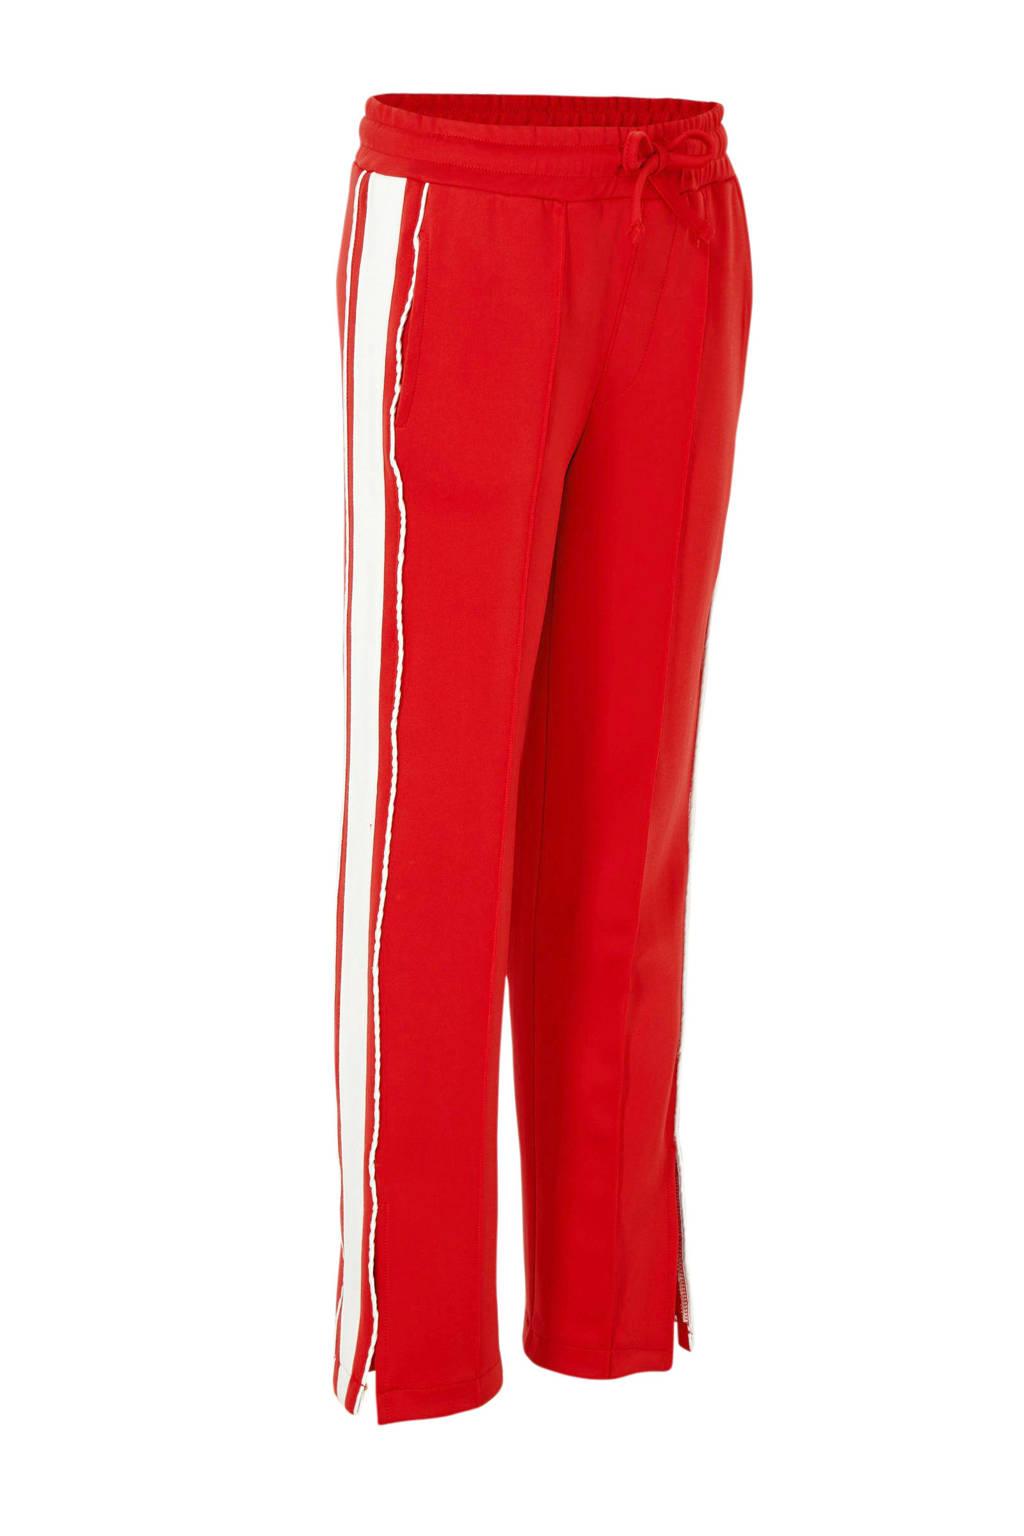 NIK&NIK broek Lora met zijstreep rood/wit, Rood/wit